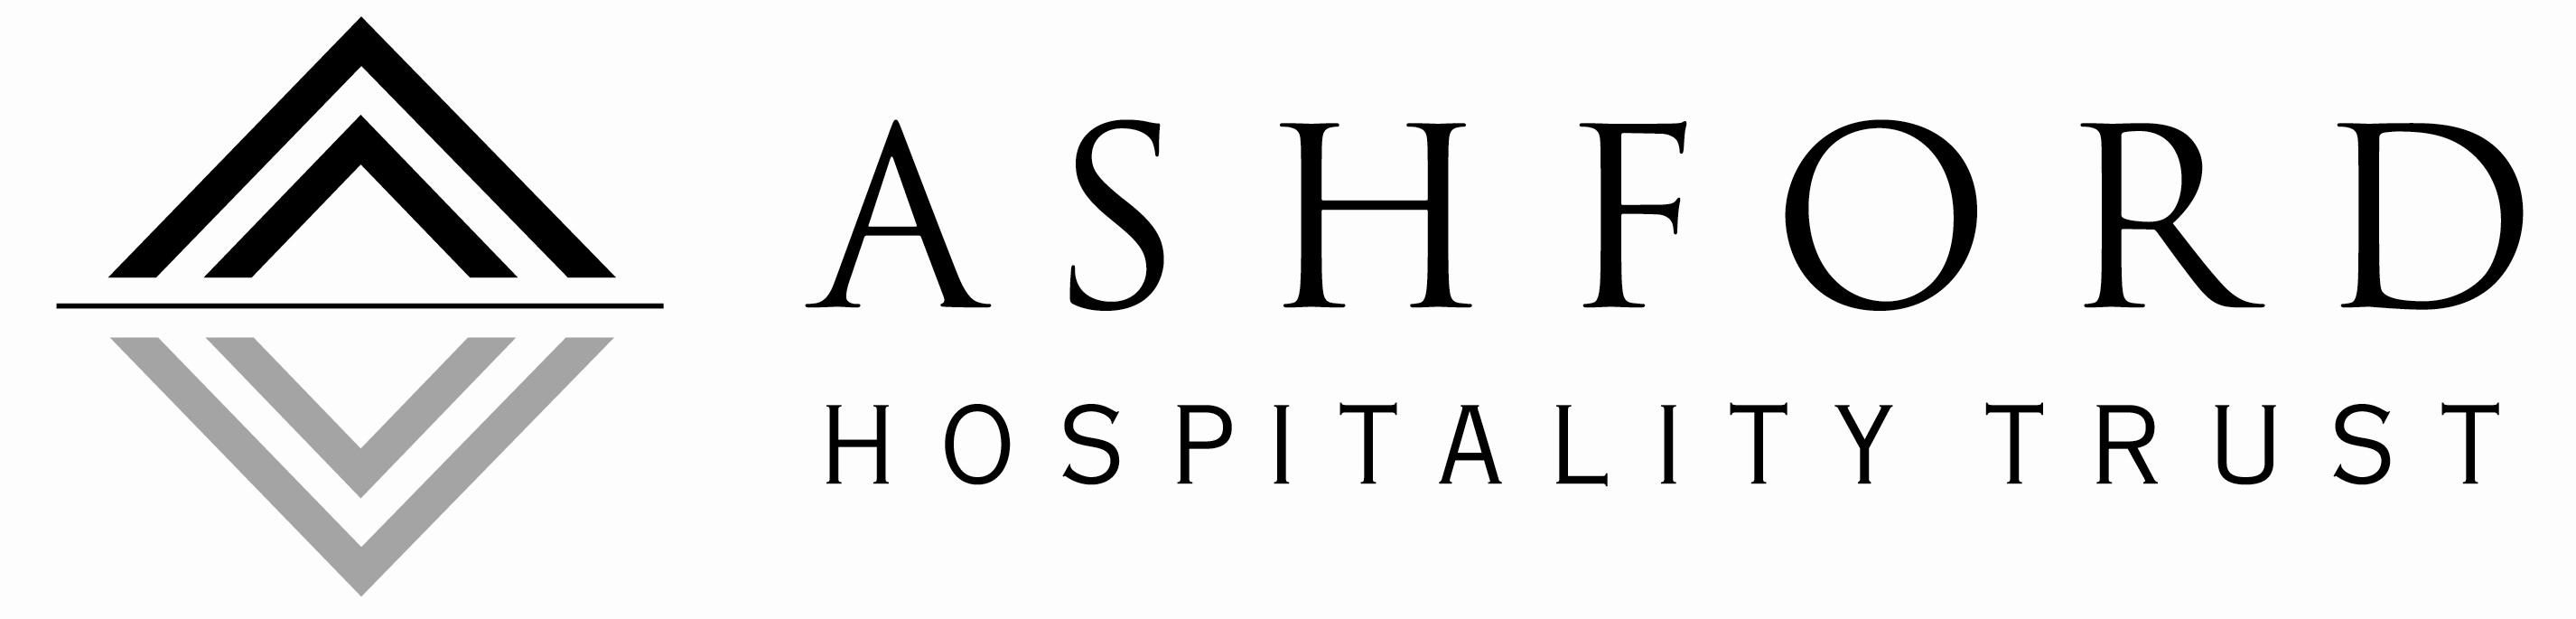 Ashford Hospitality Trust, Inc. Logo